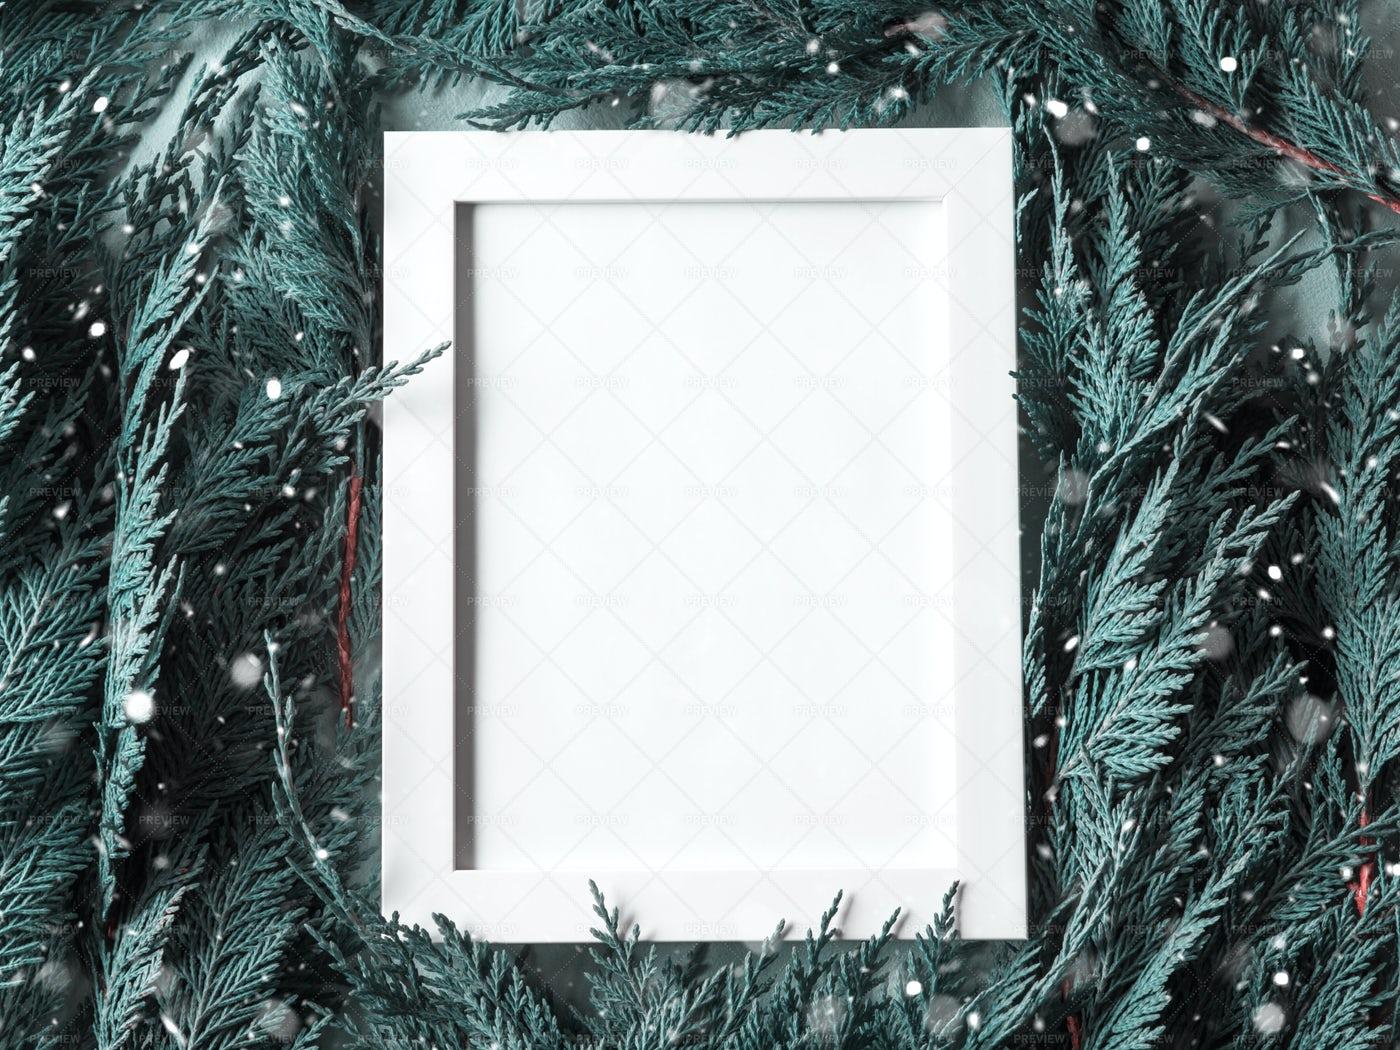 White Winter Empty Frame: Stock Photos